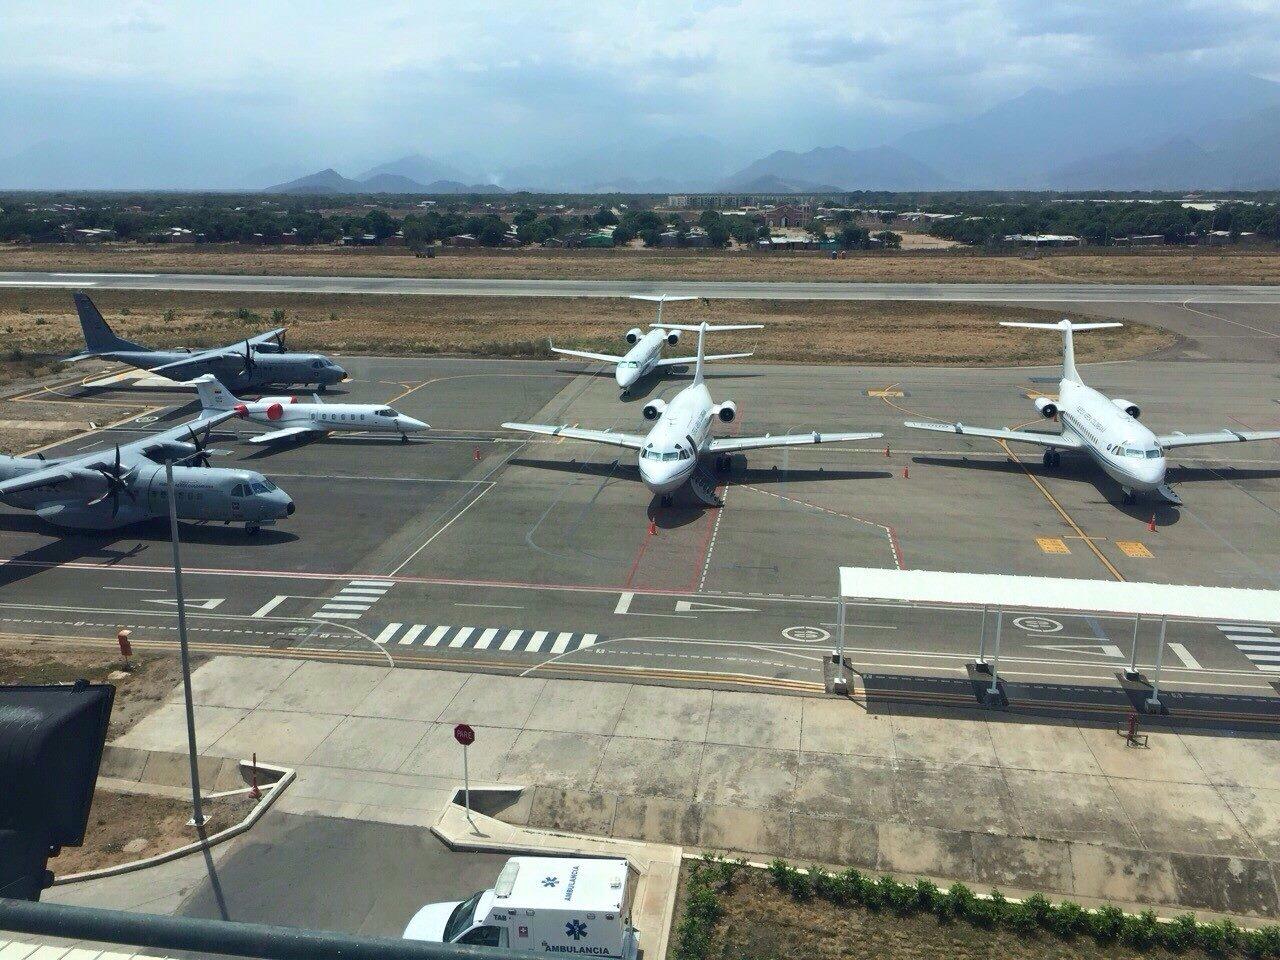 Gran parte de la flota del Escuadrón de Vuelos Especiales de la Fuerza Aérea Colombiana.